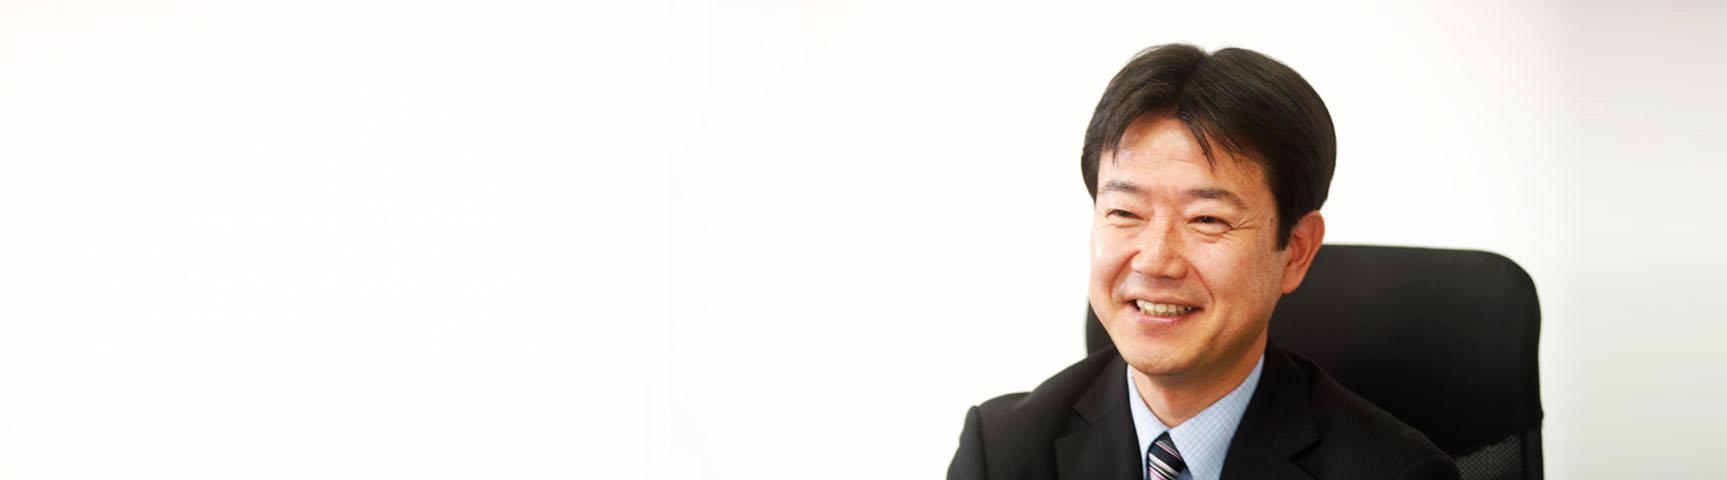 プライマリー・アシスト株式会社の導入事例メイン